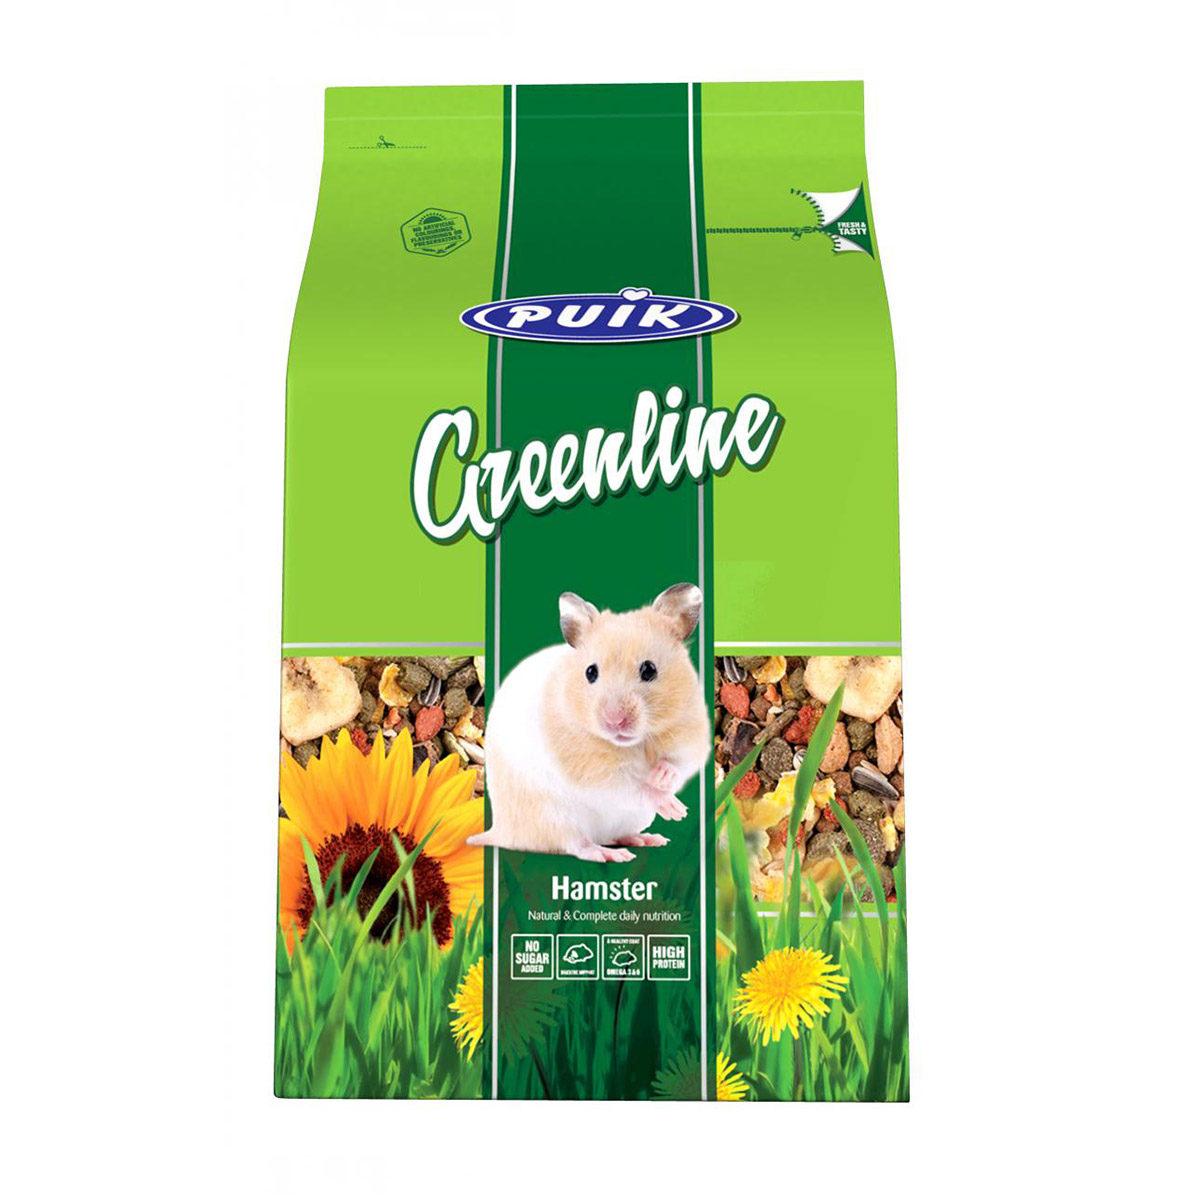 Puik Greenline Hamstervoer 800 gr